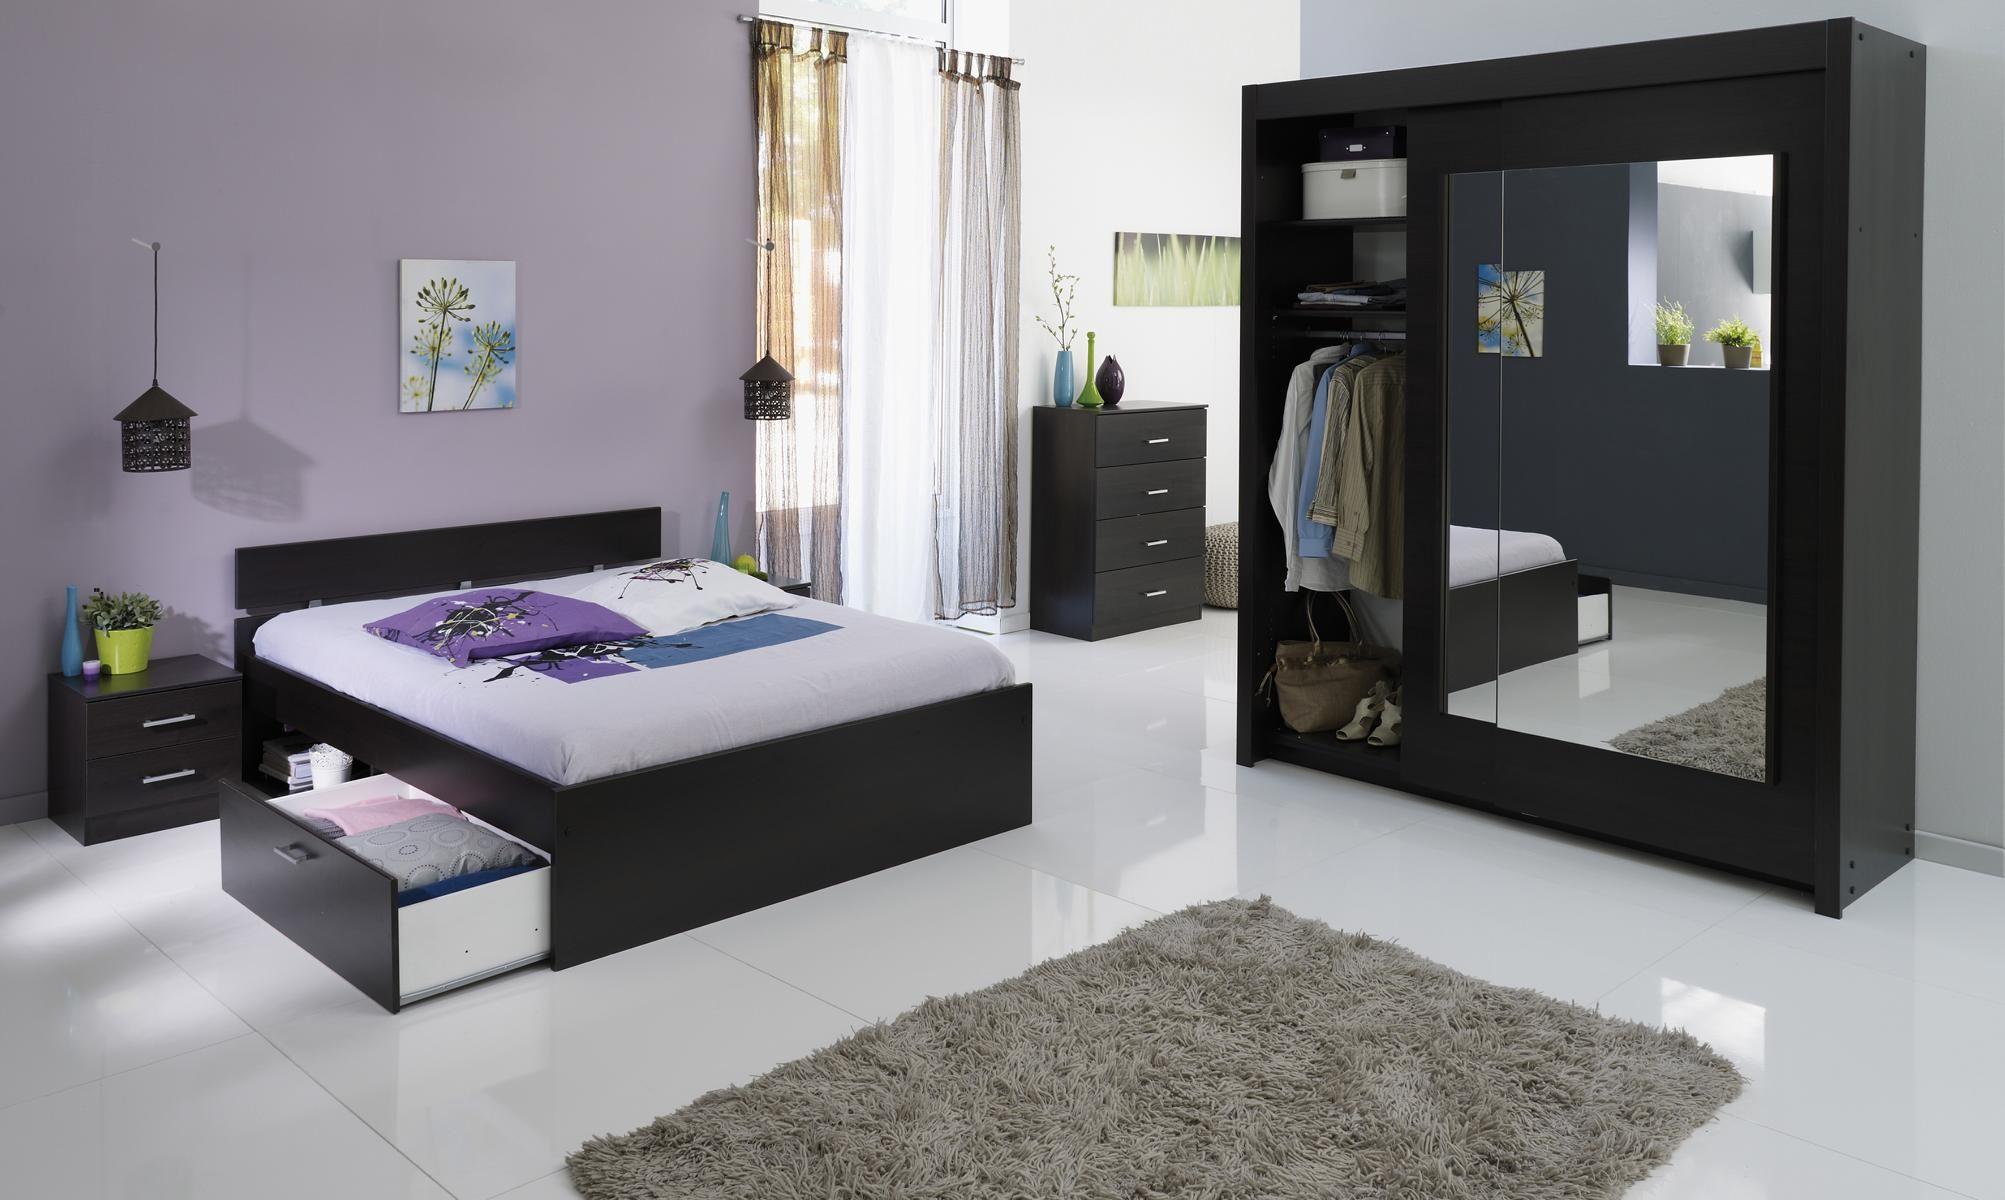 Schlafzimmer Linus I mit 140er Bett Die Auswahl der Farbe